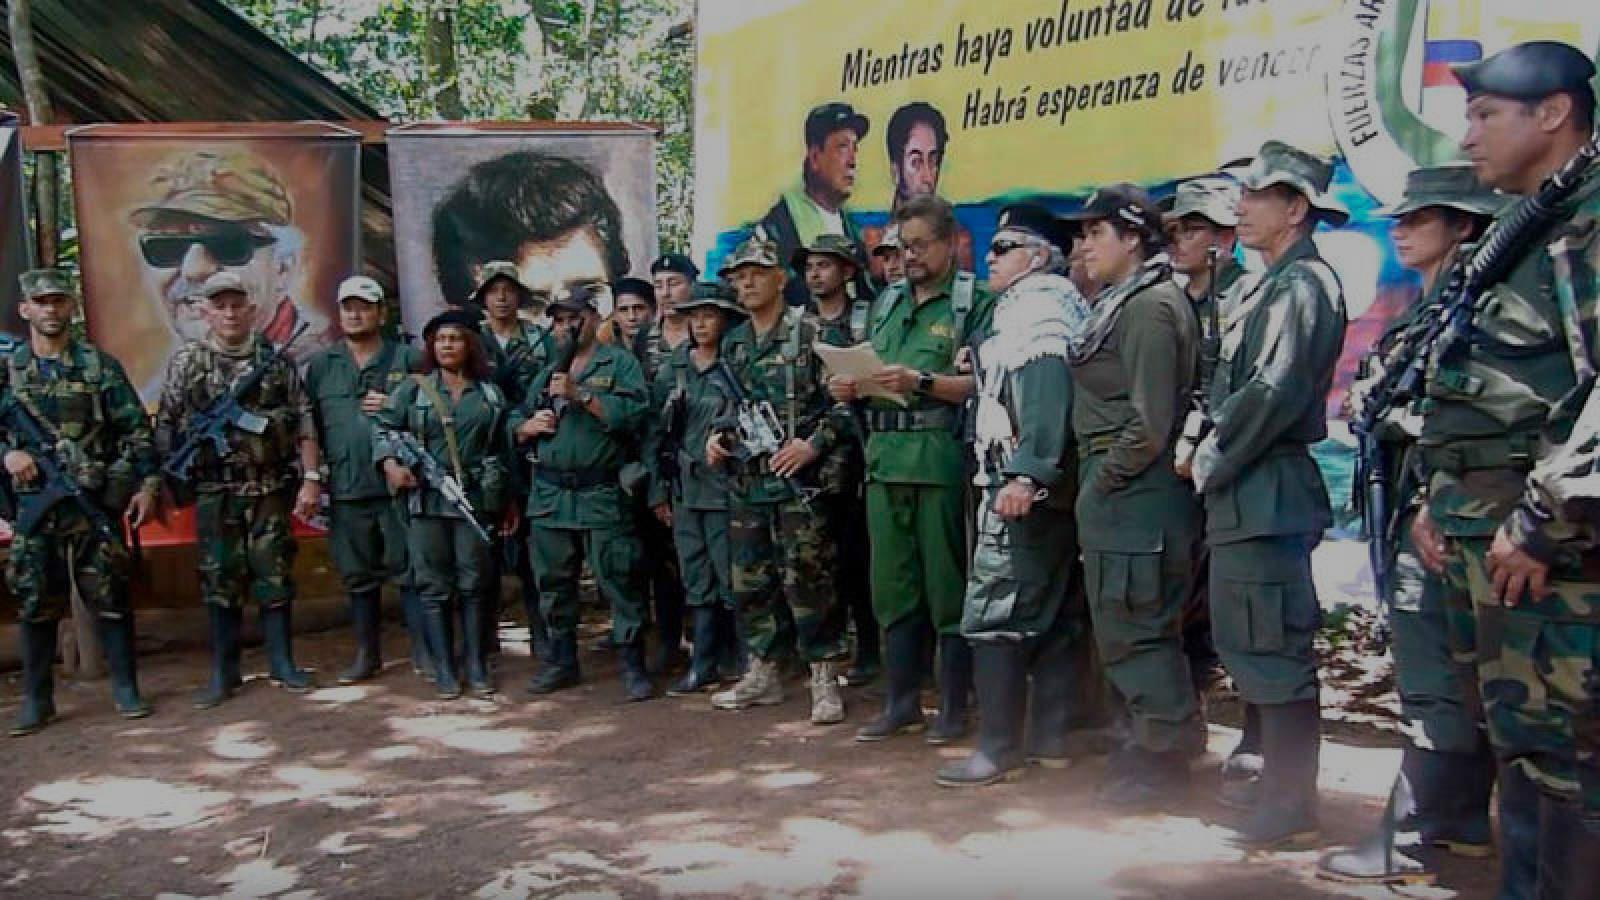 Pourquoi les FARC reprennent-ils les armes en Colombie ?